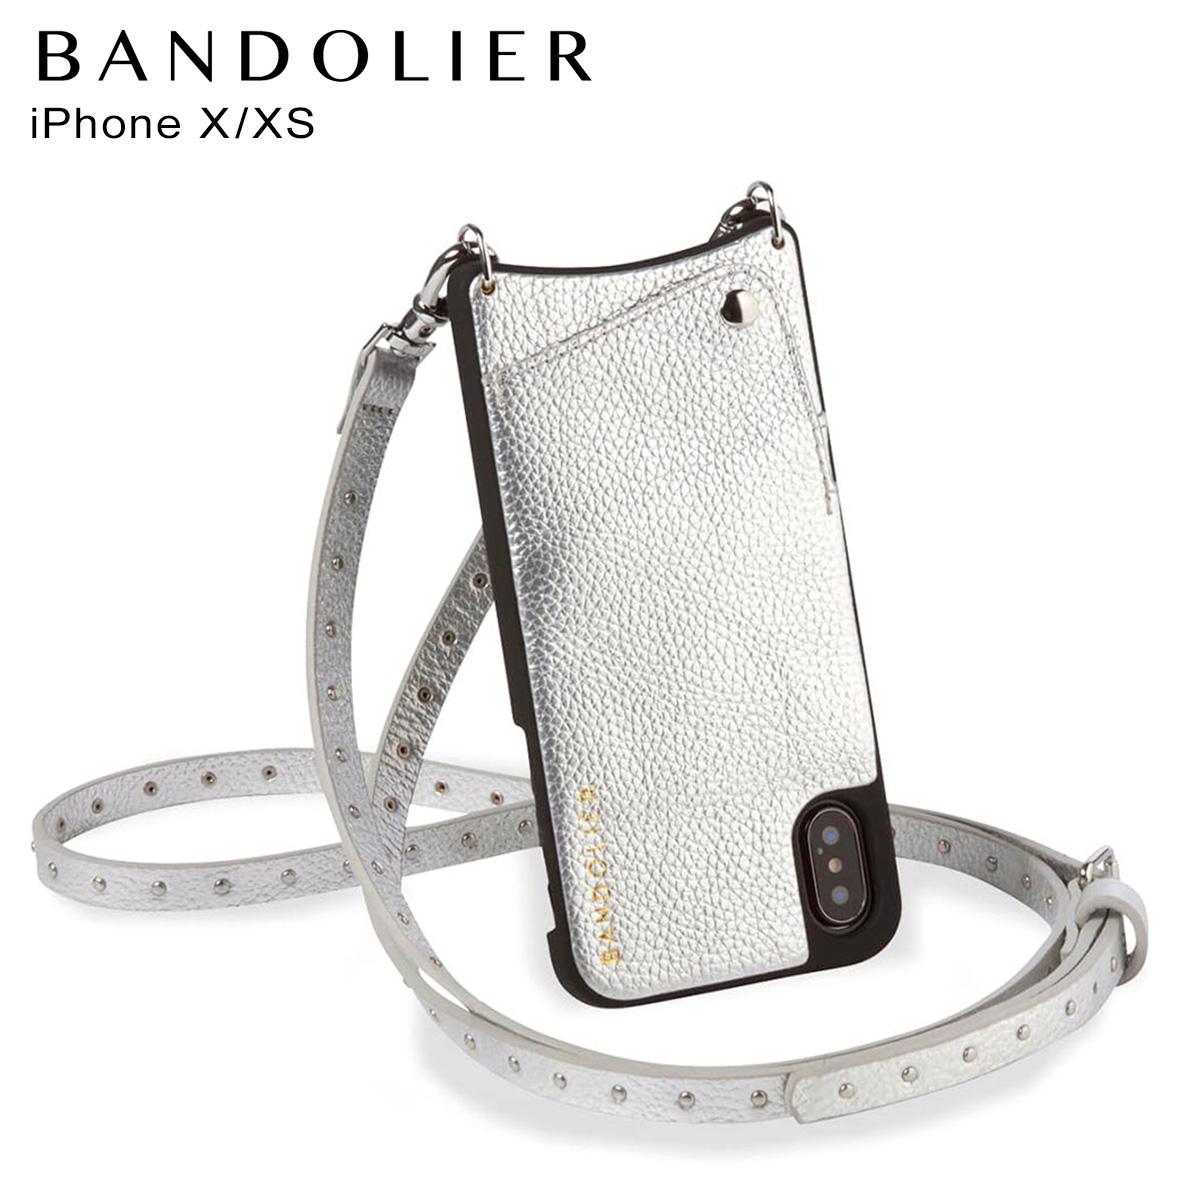 バンドリヤー BANDOLIER iPhone XS X ケース スマホ 携帯 アイフォン レザー NICOLE RICH SILVER メンズ レディース シルバー 10NIC